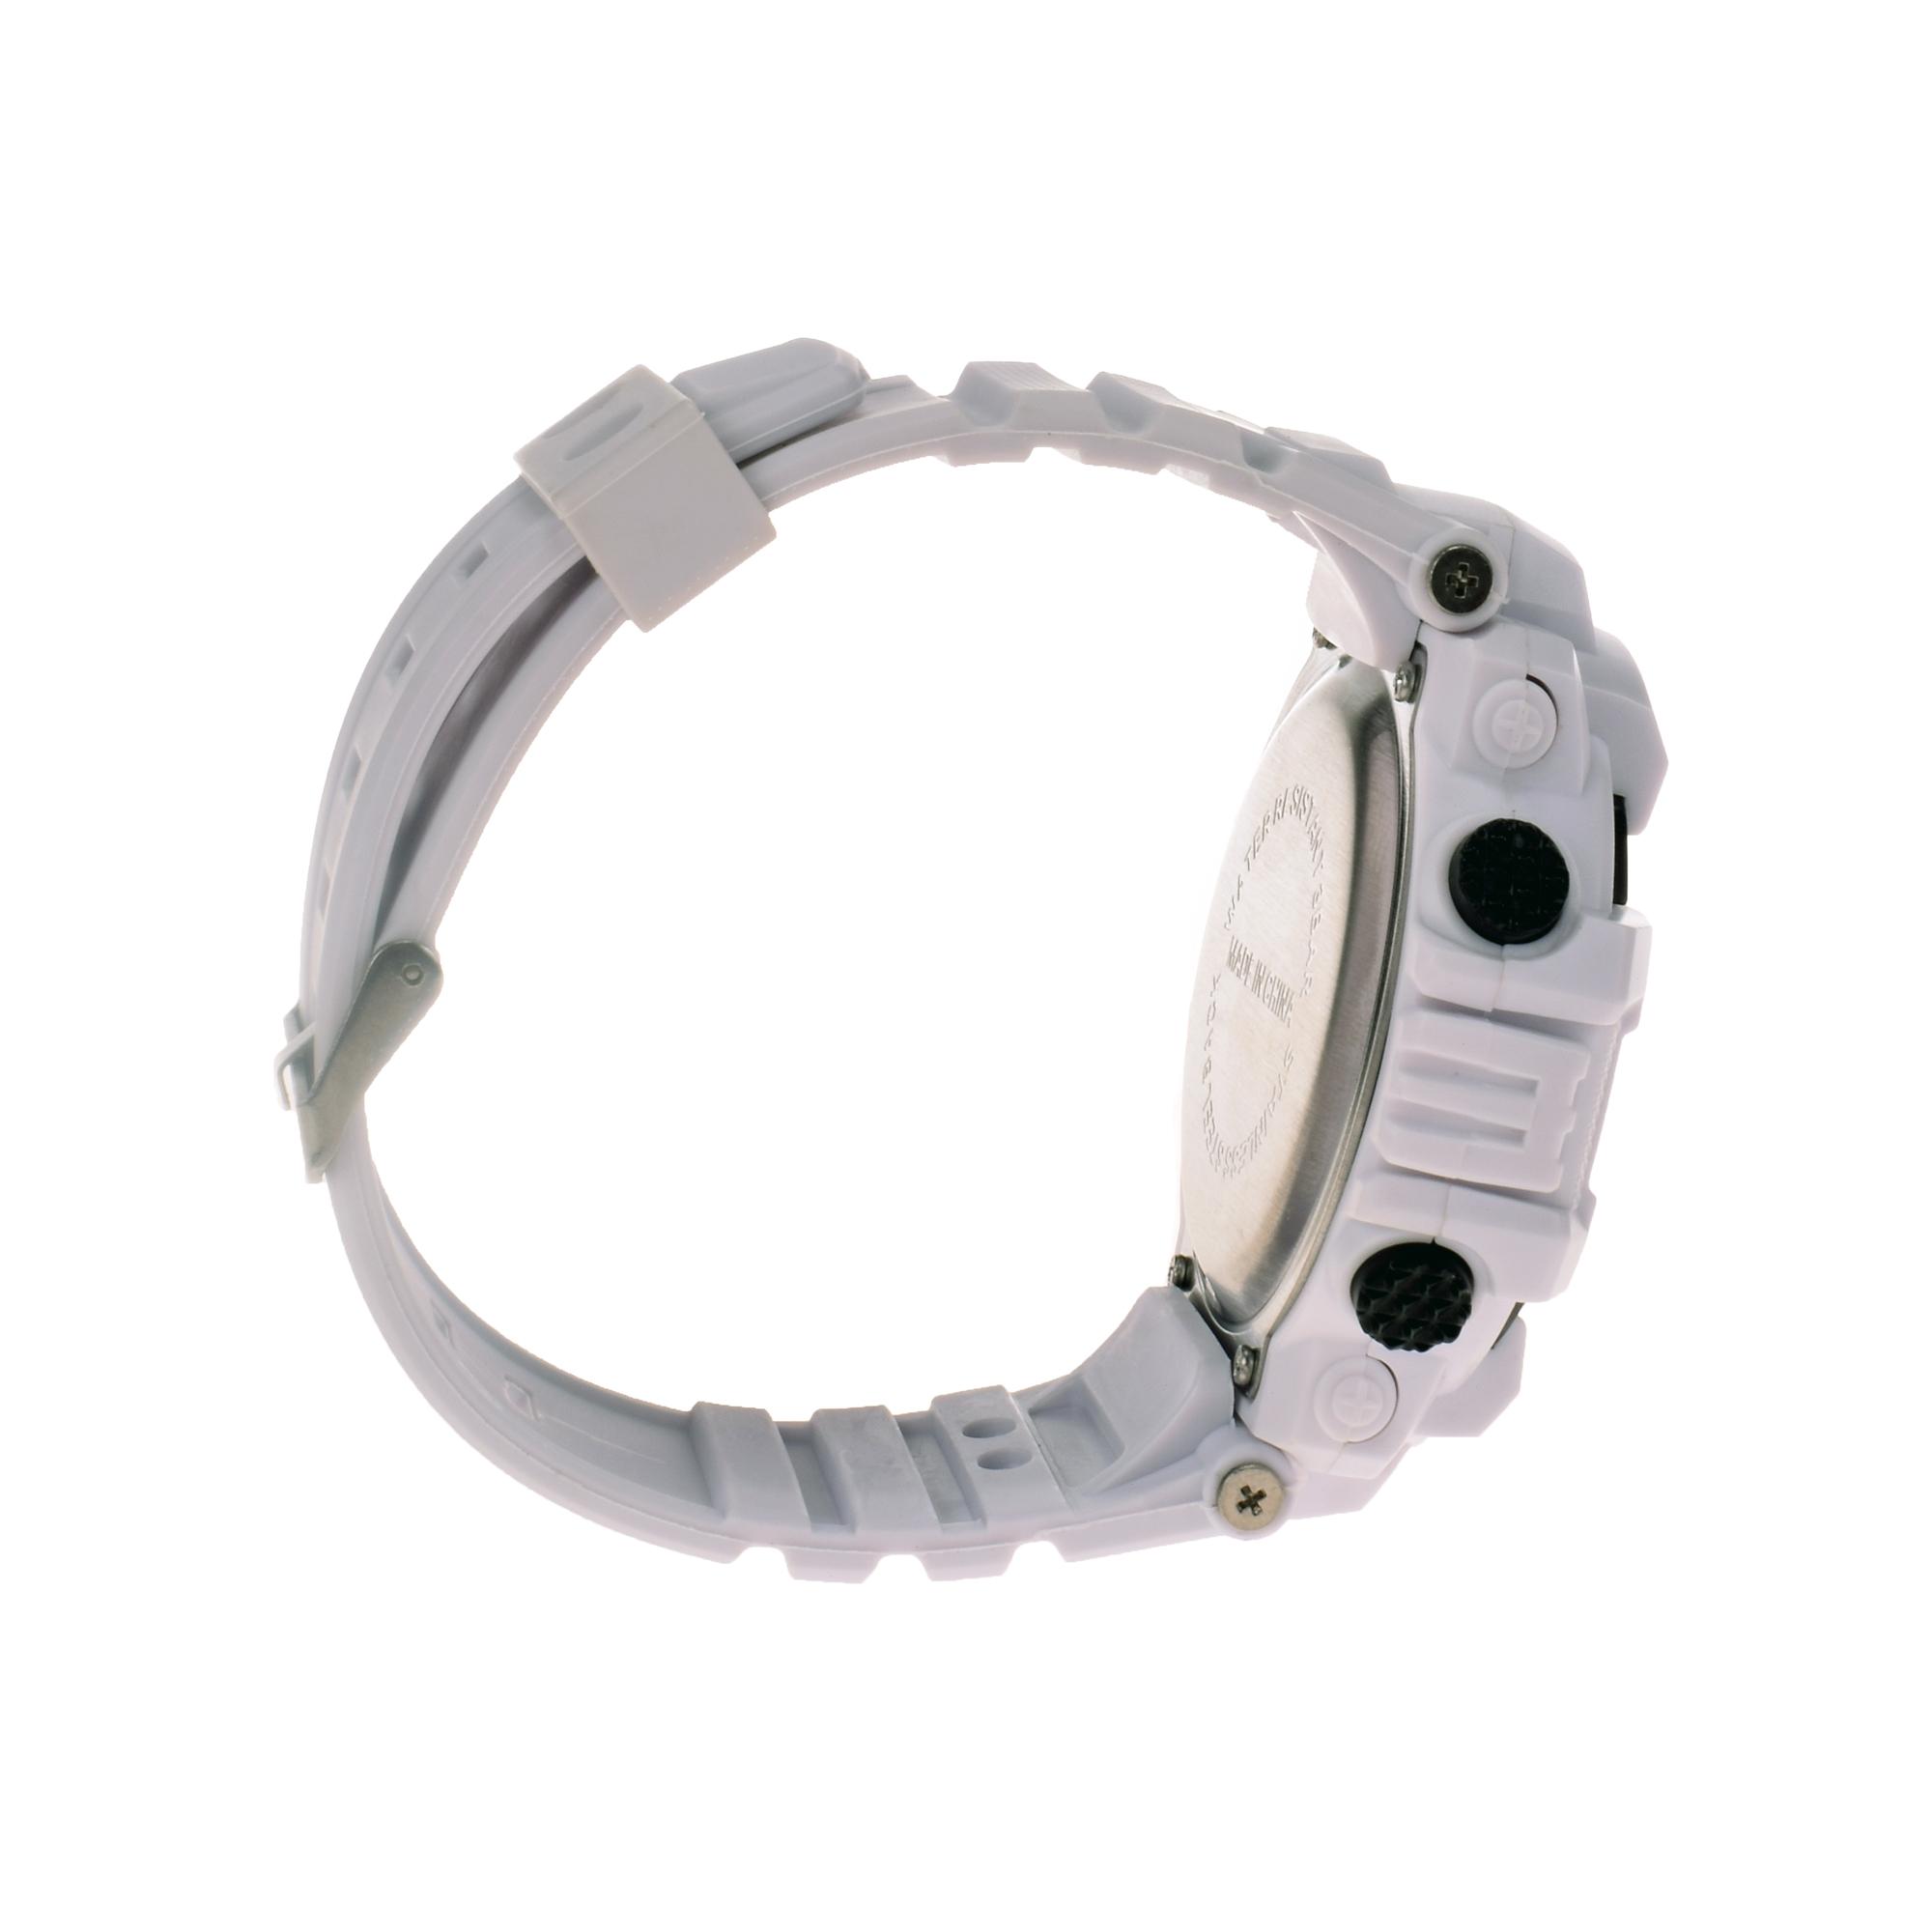 ساعت مچی دیجیتال مردانه هیولینگ مدل 969 طرح w1             قیمت